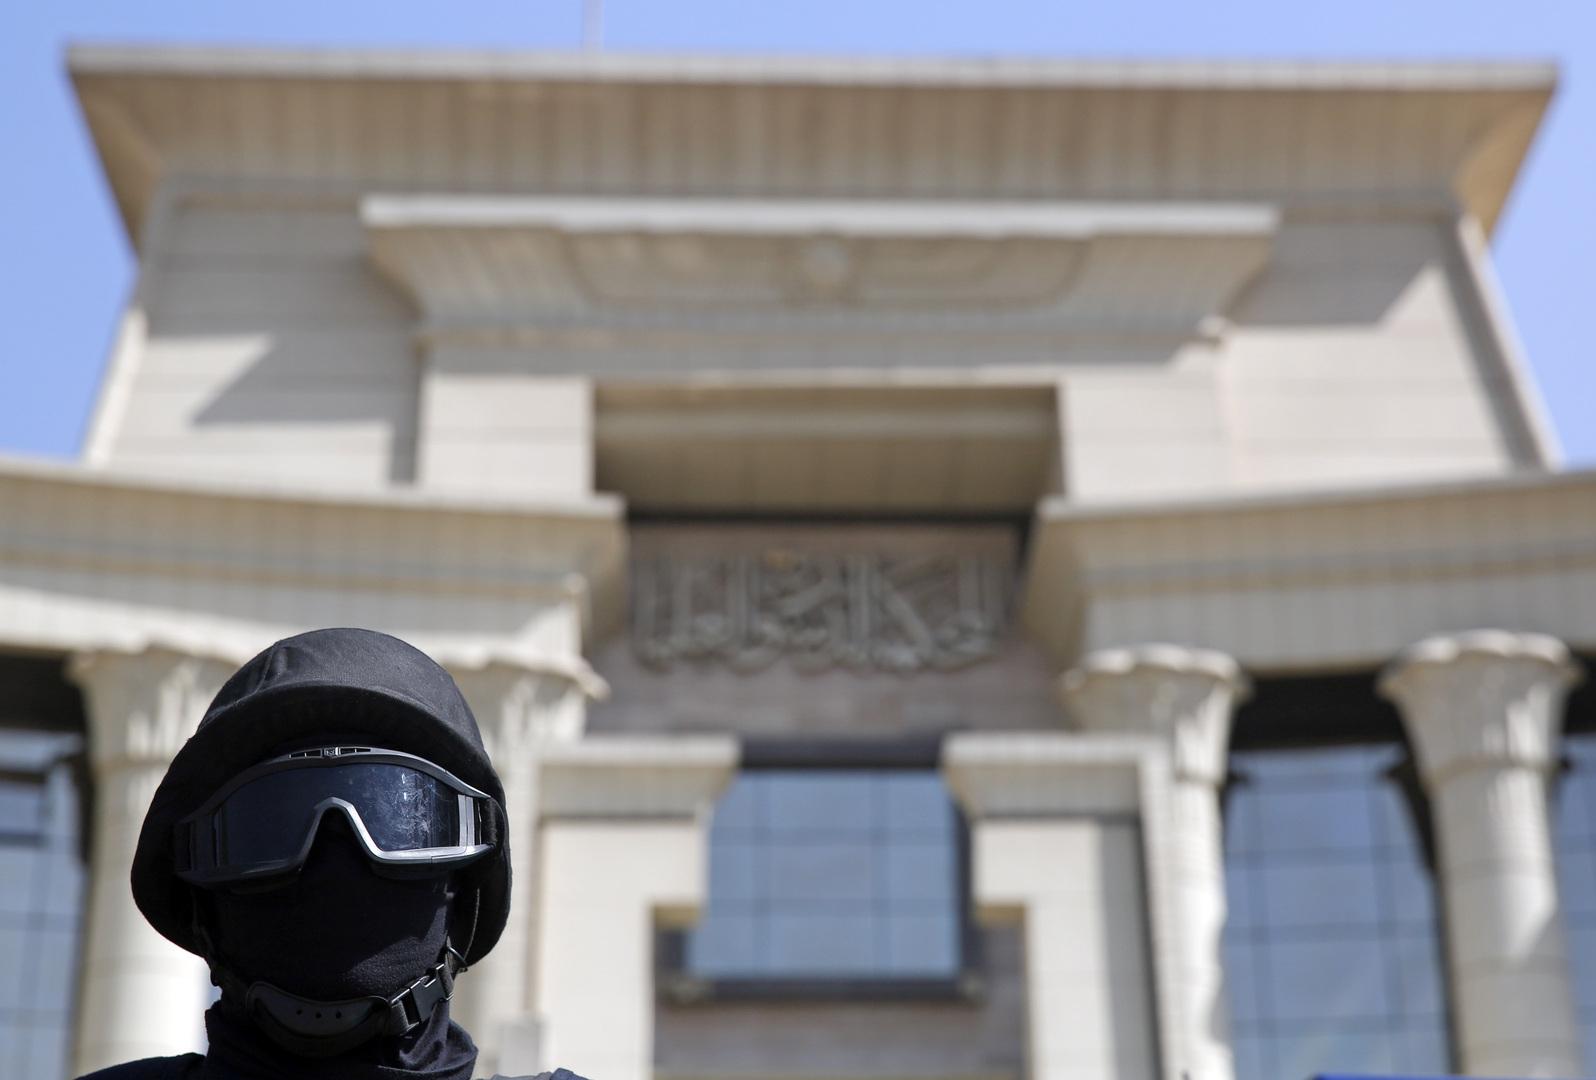 الصحة المصرية: لا علاقة لمخزون الأوكسجين بوفيات كورونا في المستشفيات